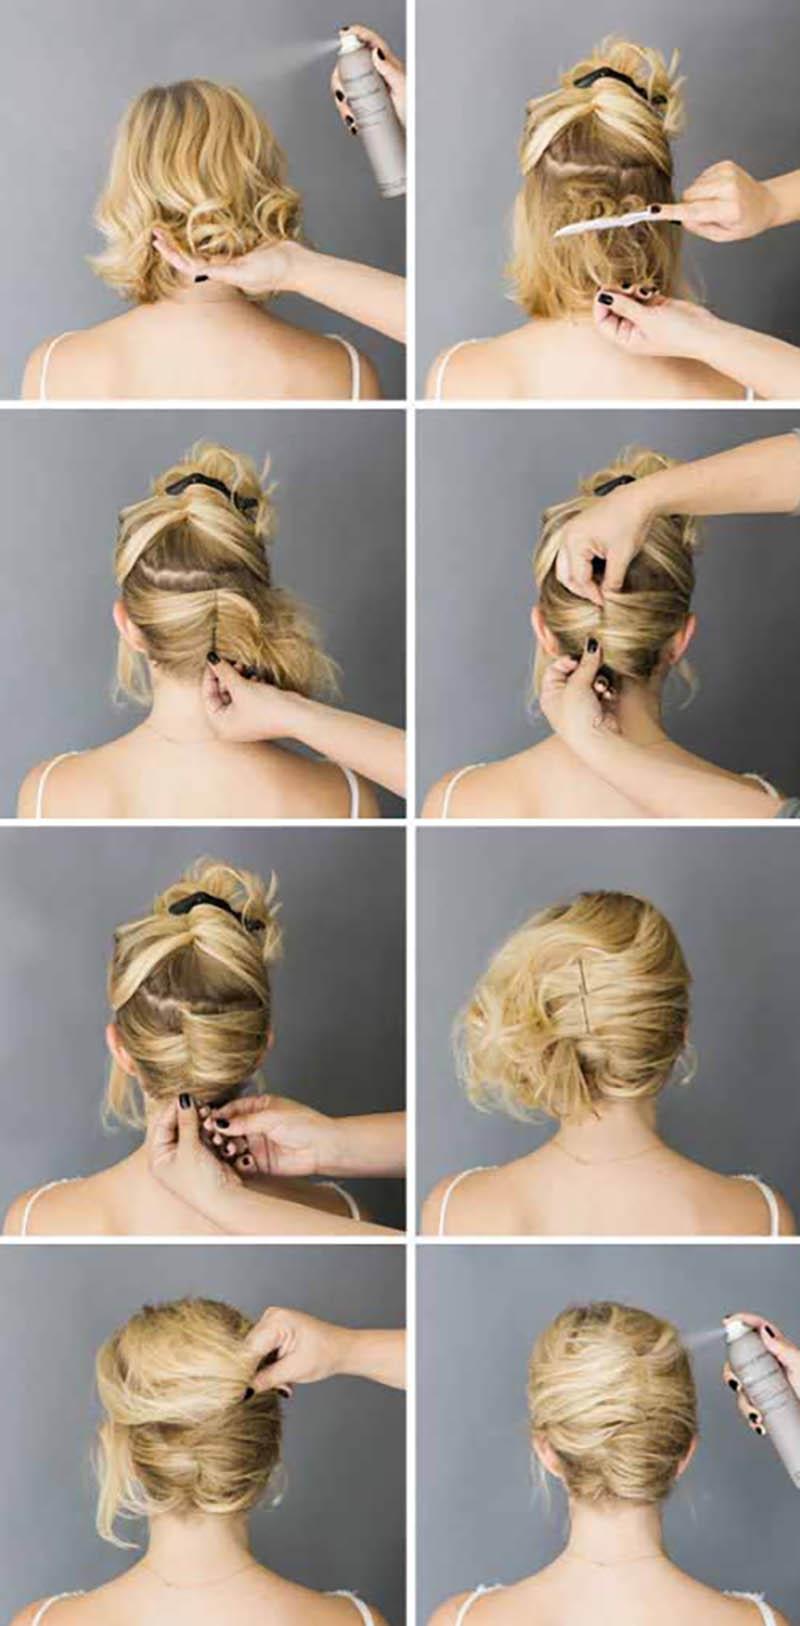 Cách tạo kiểu tóc xoắn hai mặt kiểu Pháp